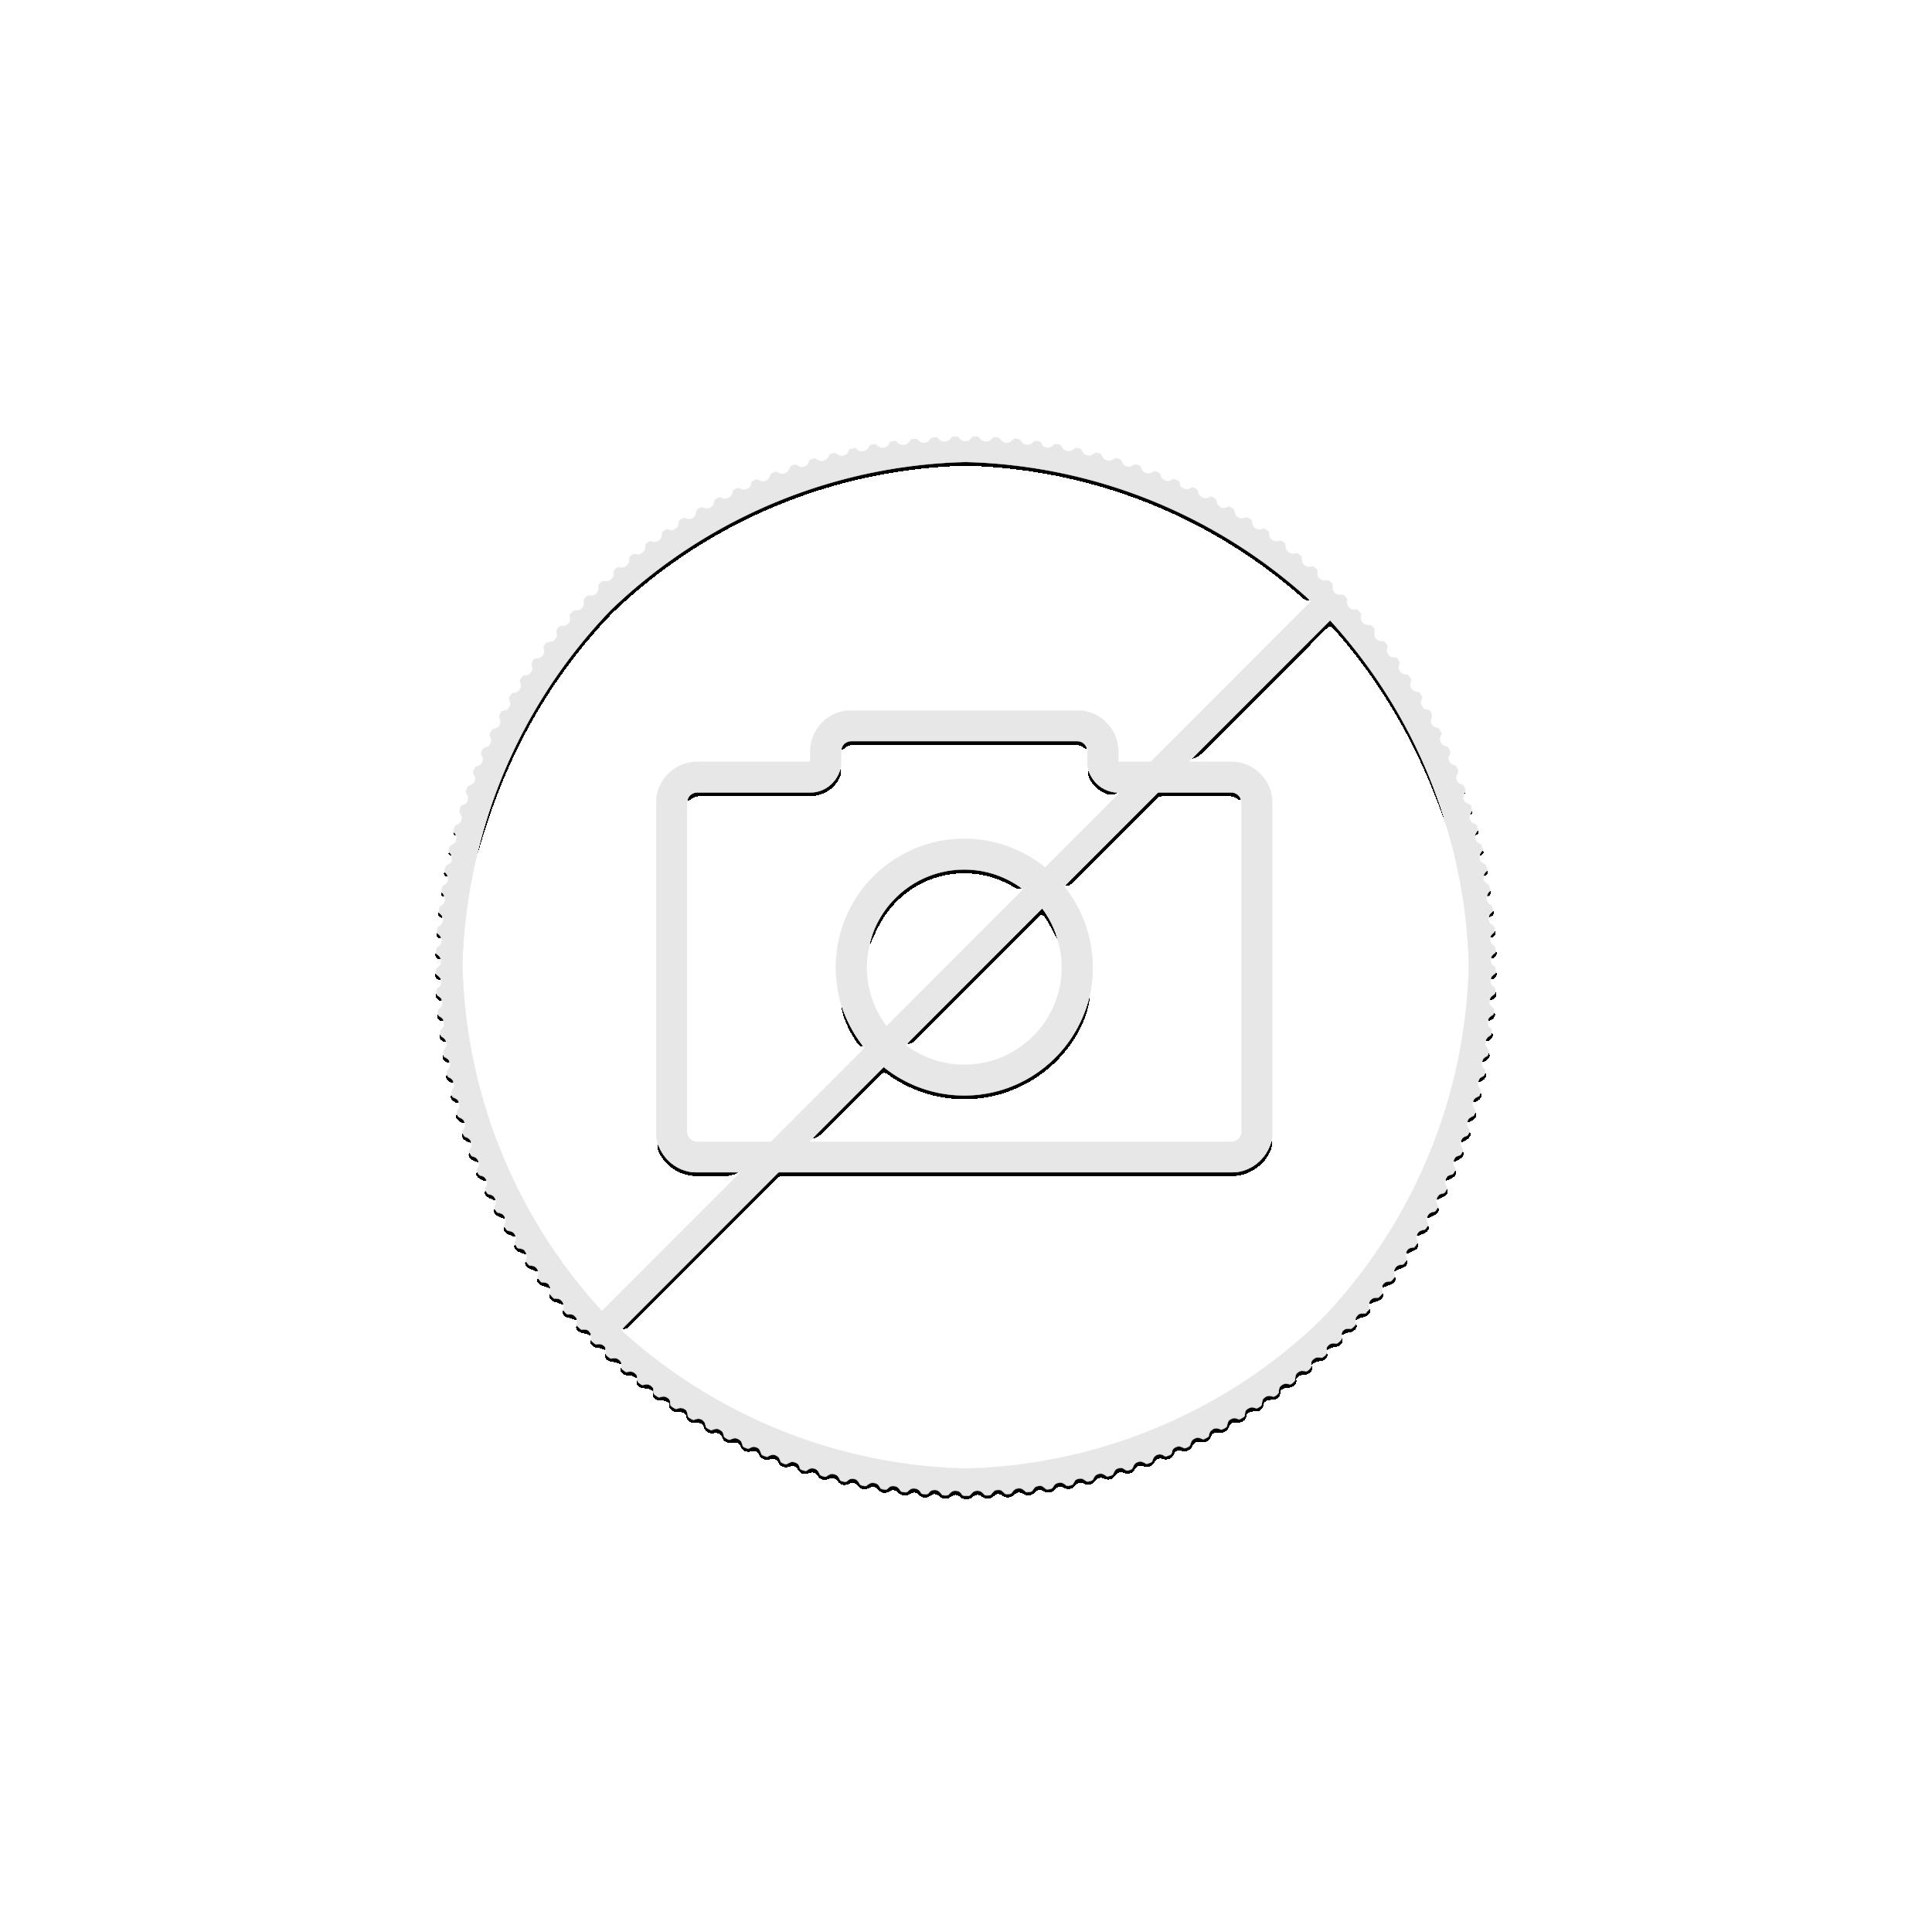 Gouden Gulden 2001 - 13,2 gram puur goud